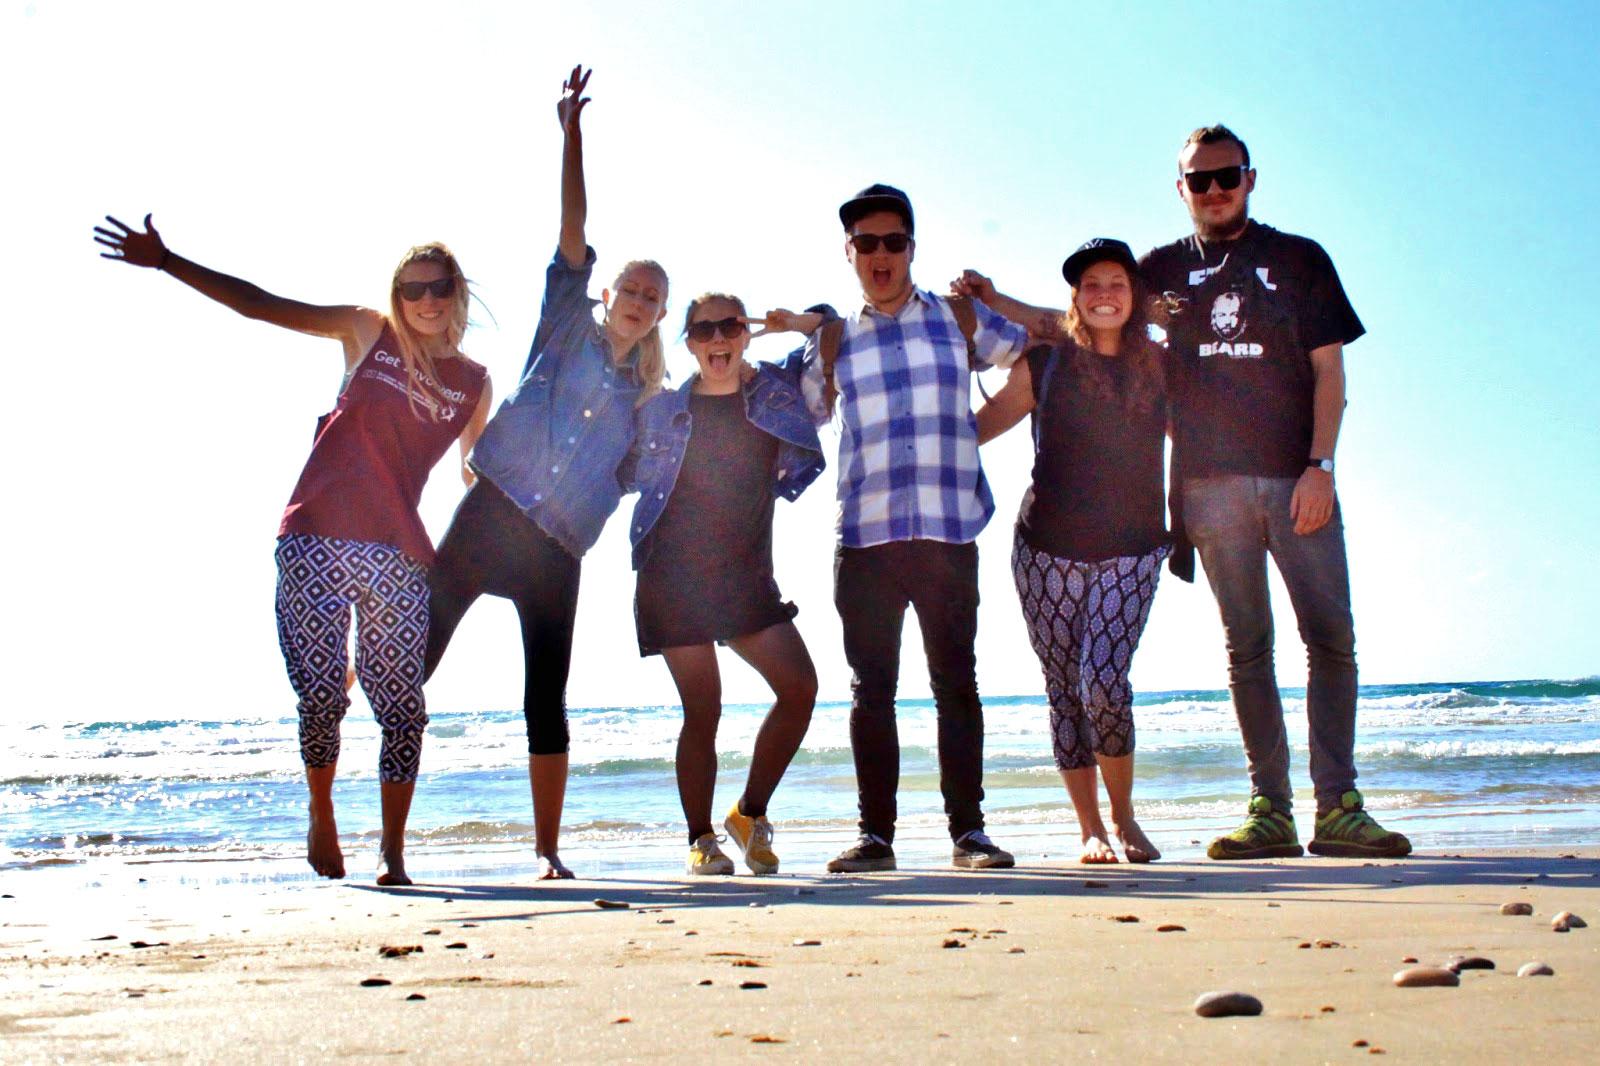 Ungdommer på teamtur med return2sender, stående på strand i Israel